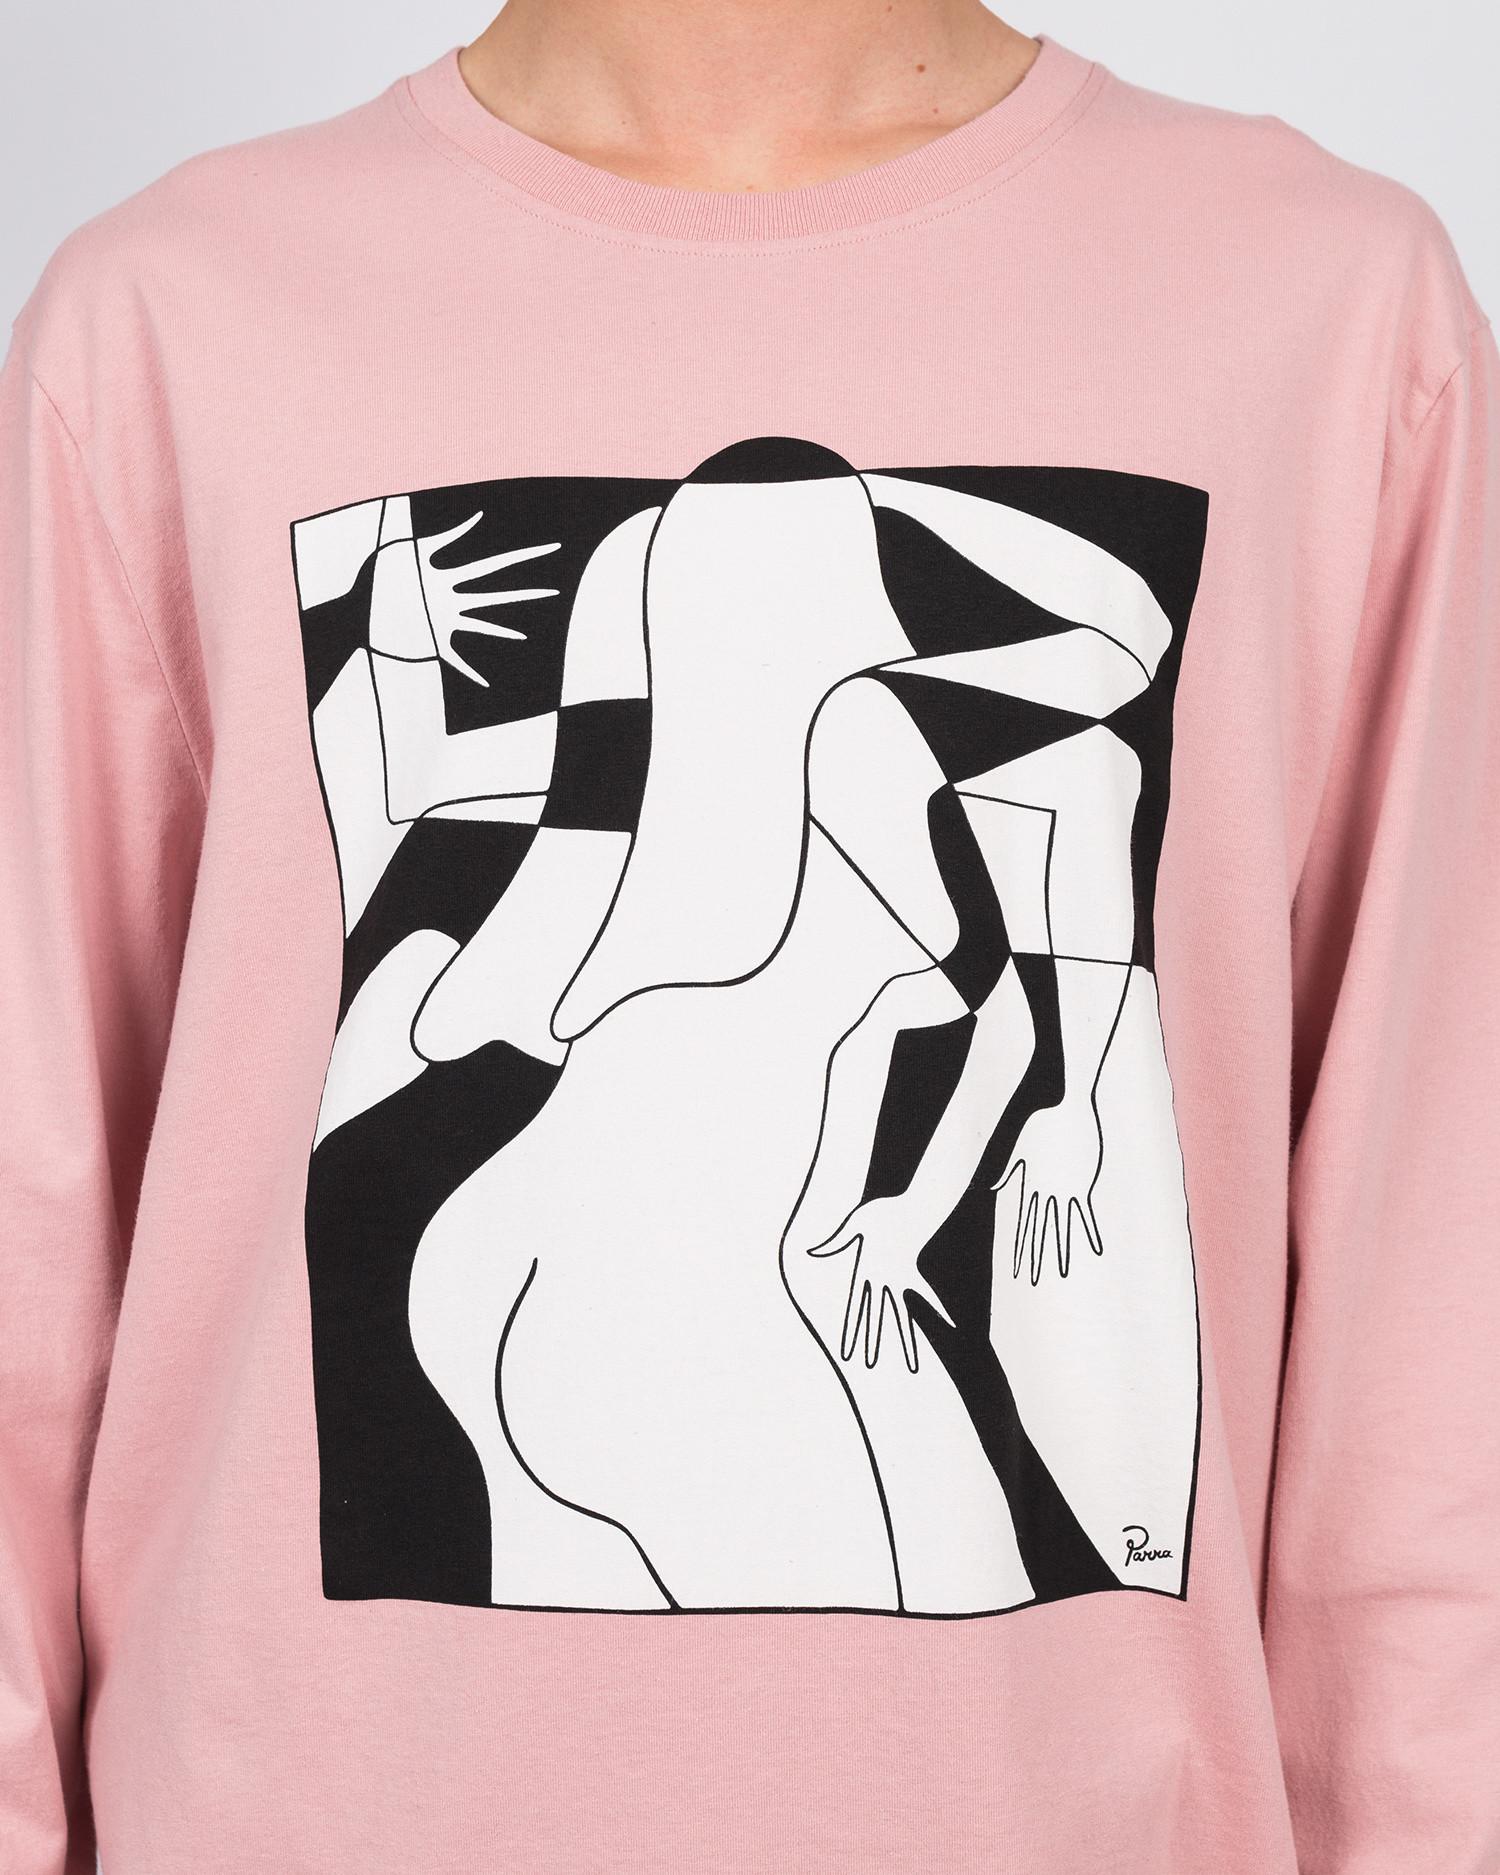 Parra artist businesswoman long sleeve t-shirt rose